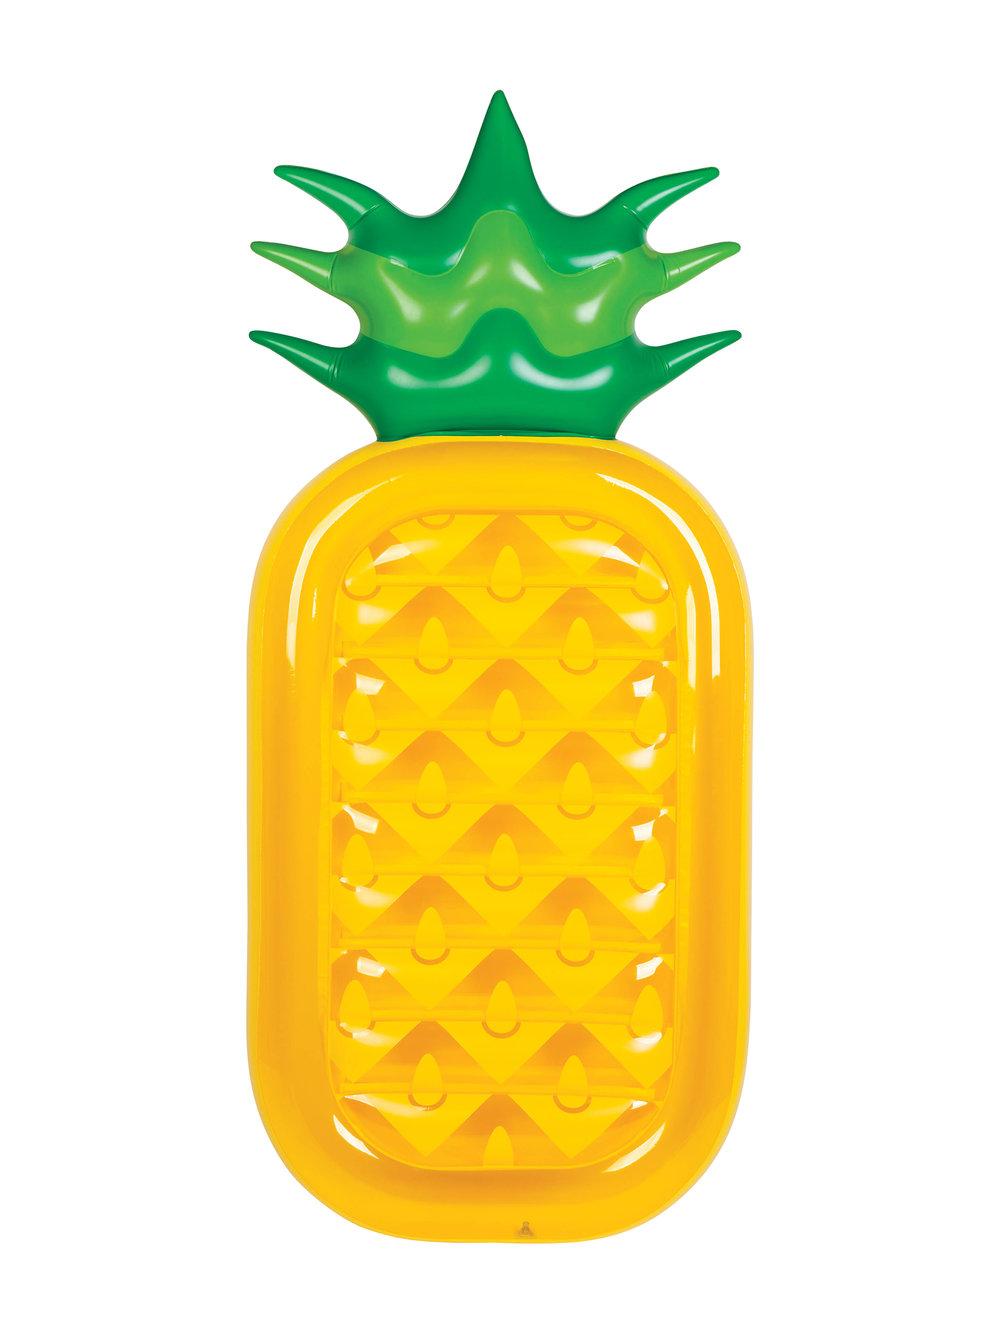 Sunnylife Pineapple Luxe Floaty_Gilt.com.jpg